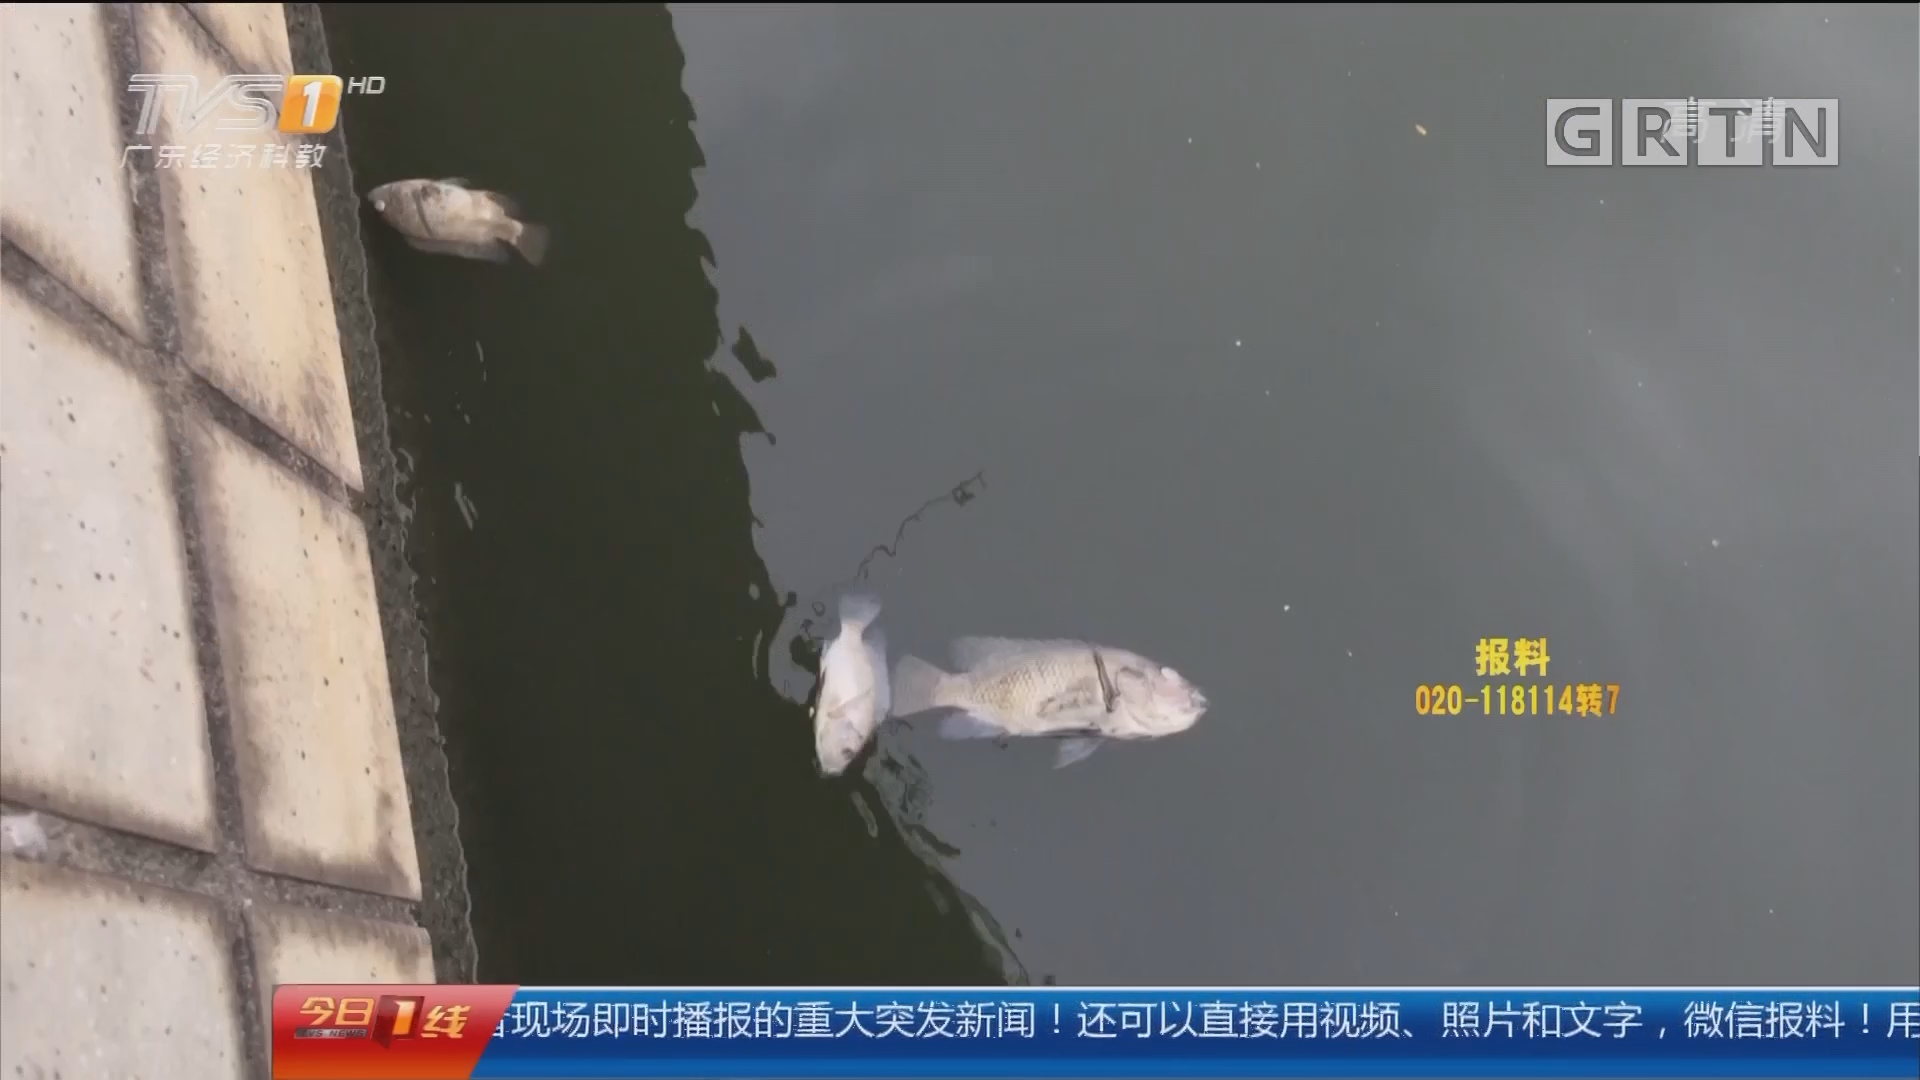 中山 街坊:河水前一天曾现异常